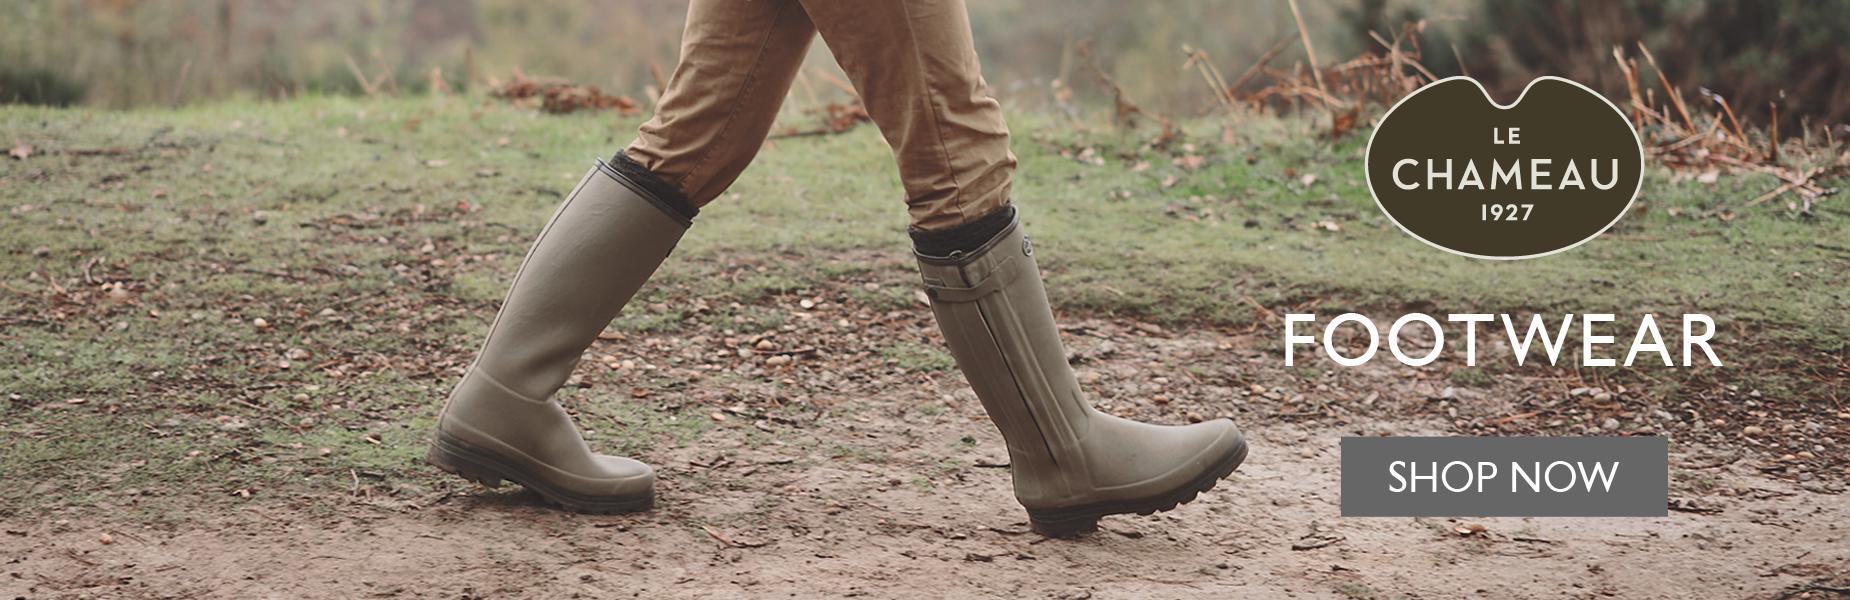 Le Chameau Footwear - Shop Now